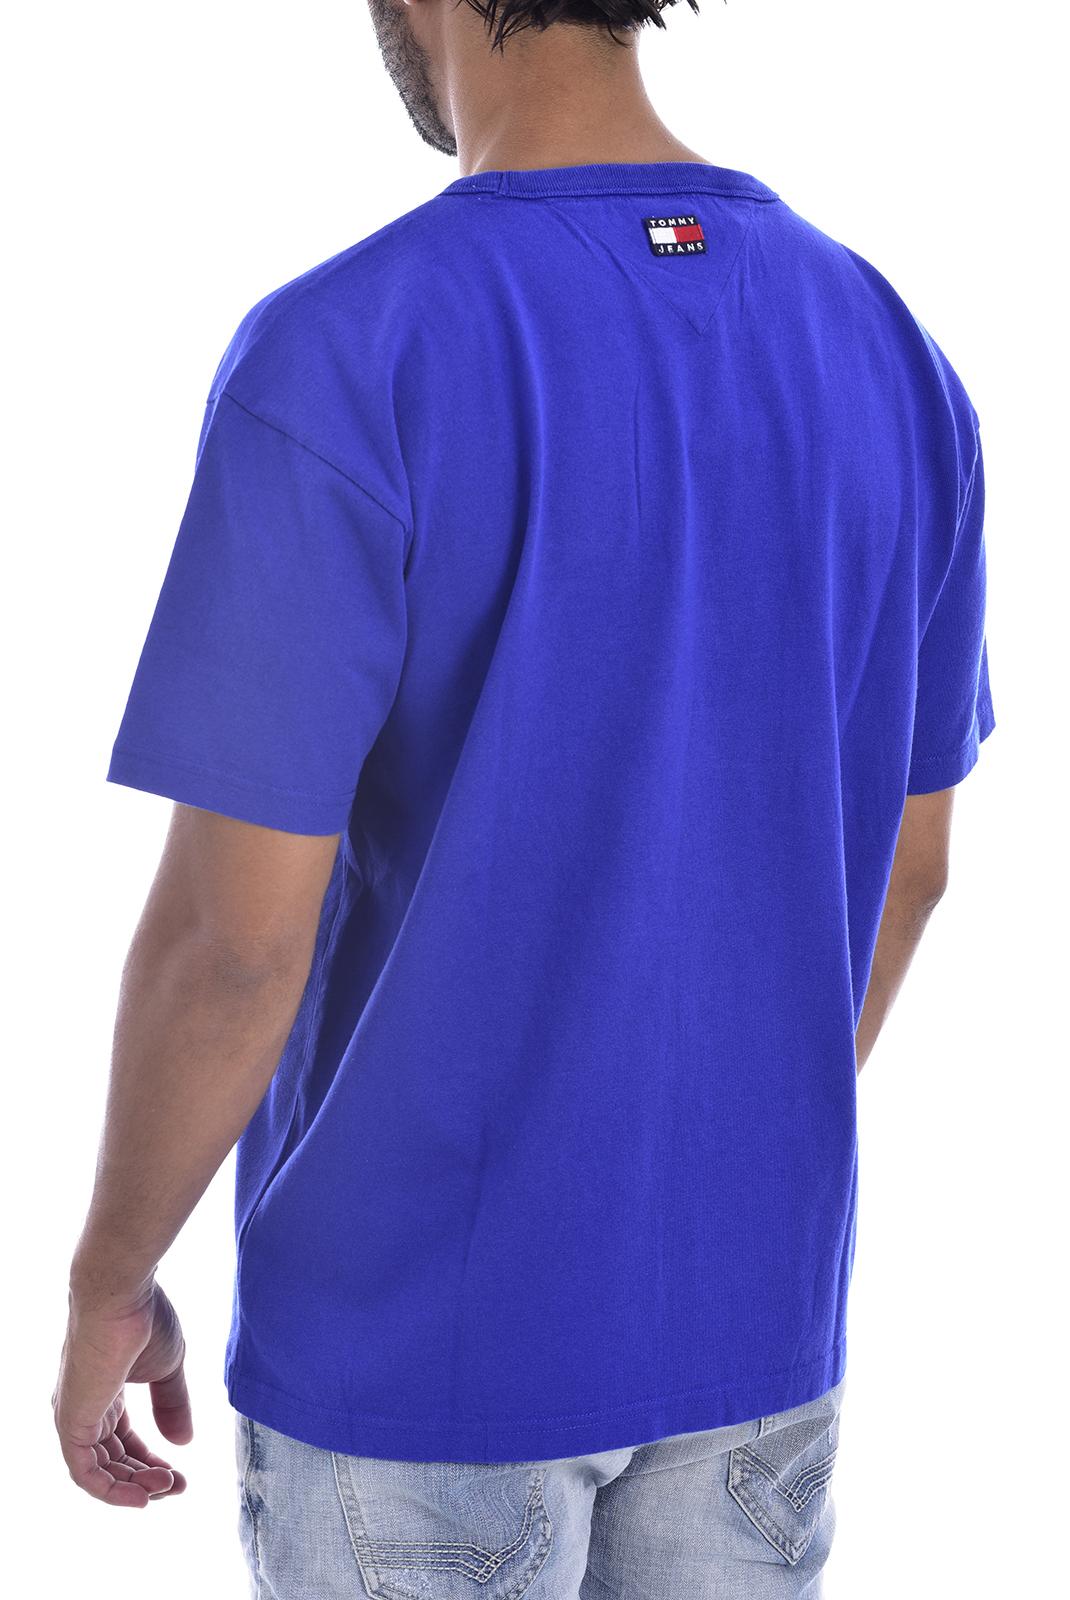 T-S manches courtes  Tommy Jeans DM0DM05234419 419 ESTATE BLUE